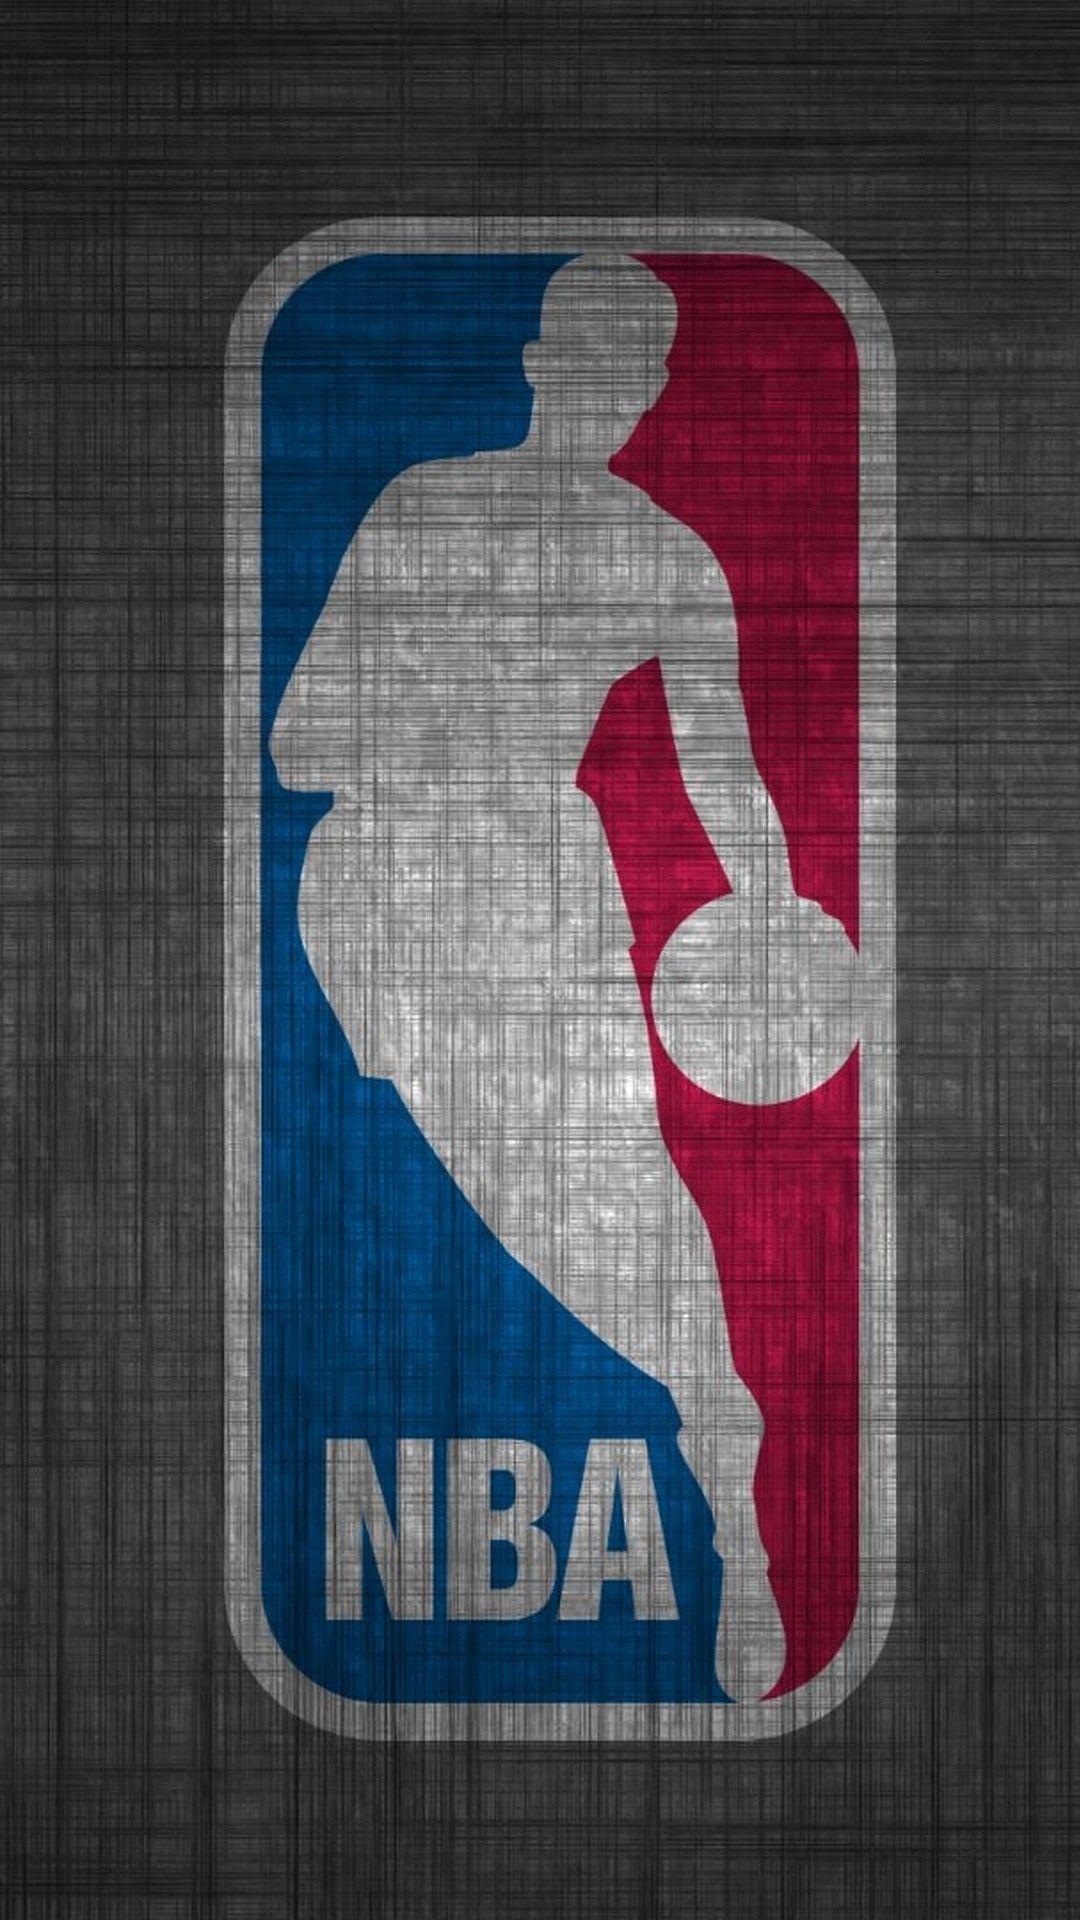 NBA Wallpaper Mobile จอร์แดน วอลเปเปอร์ และ ฟุตบอล